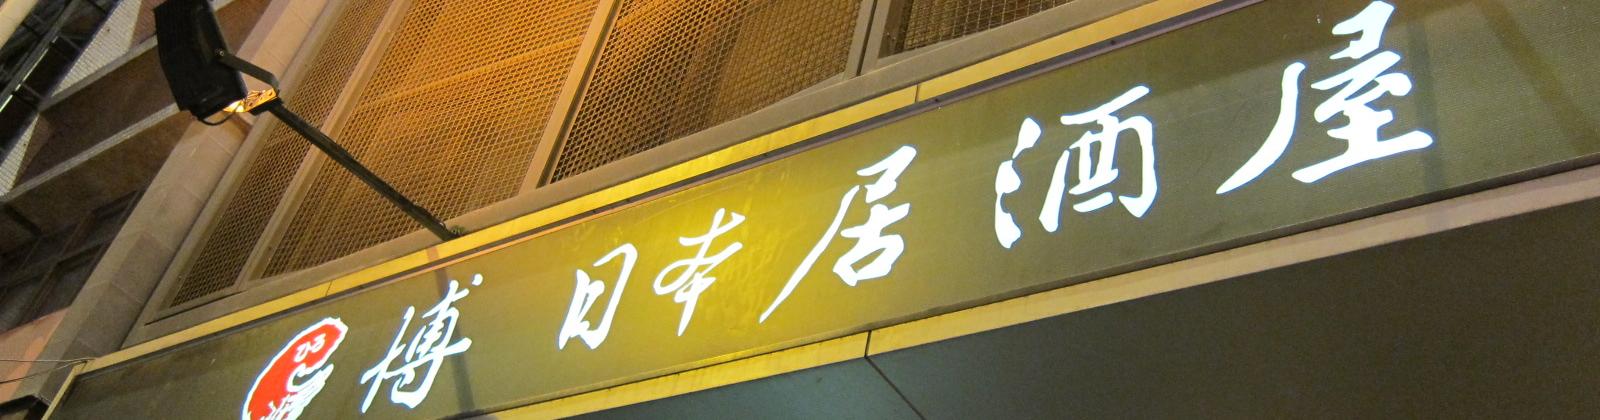 食記 高雄 博居酒屋